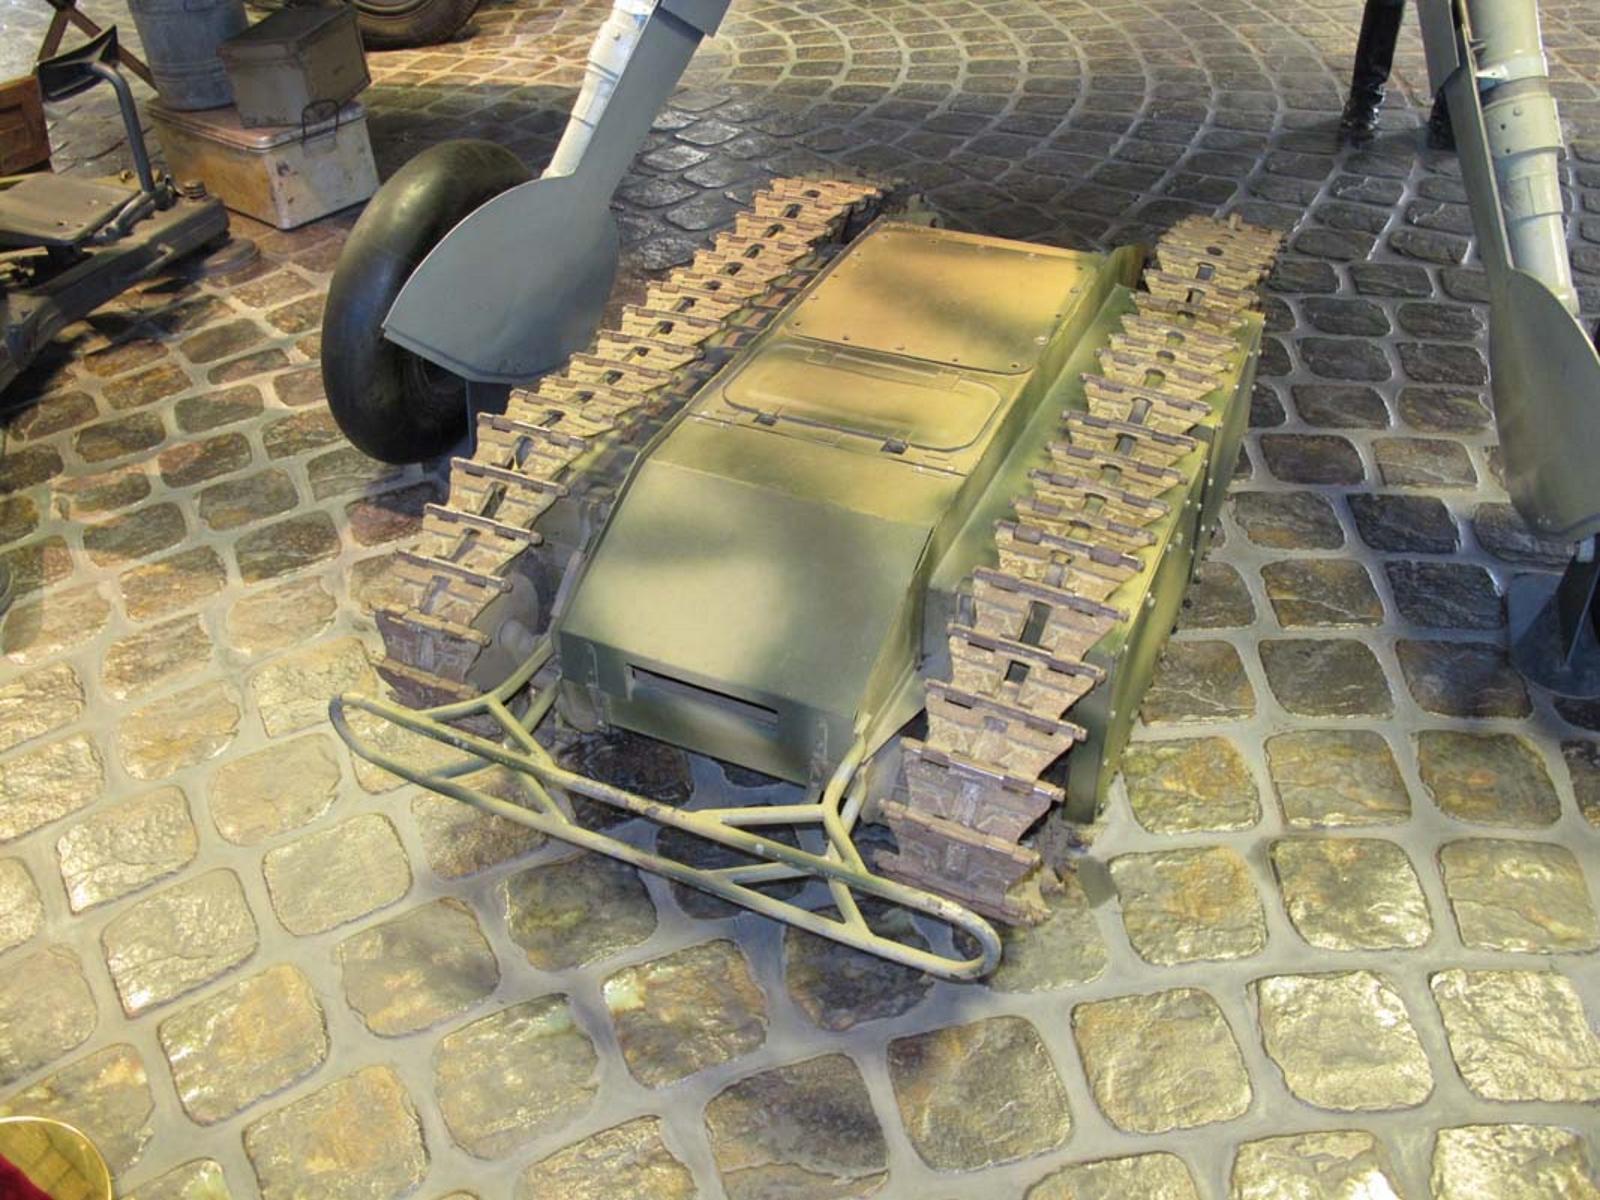 SdKfz 302 Leichter Ladungstrager Goliath